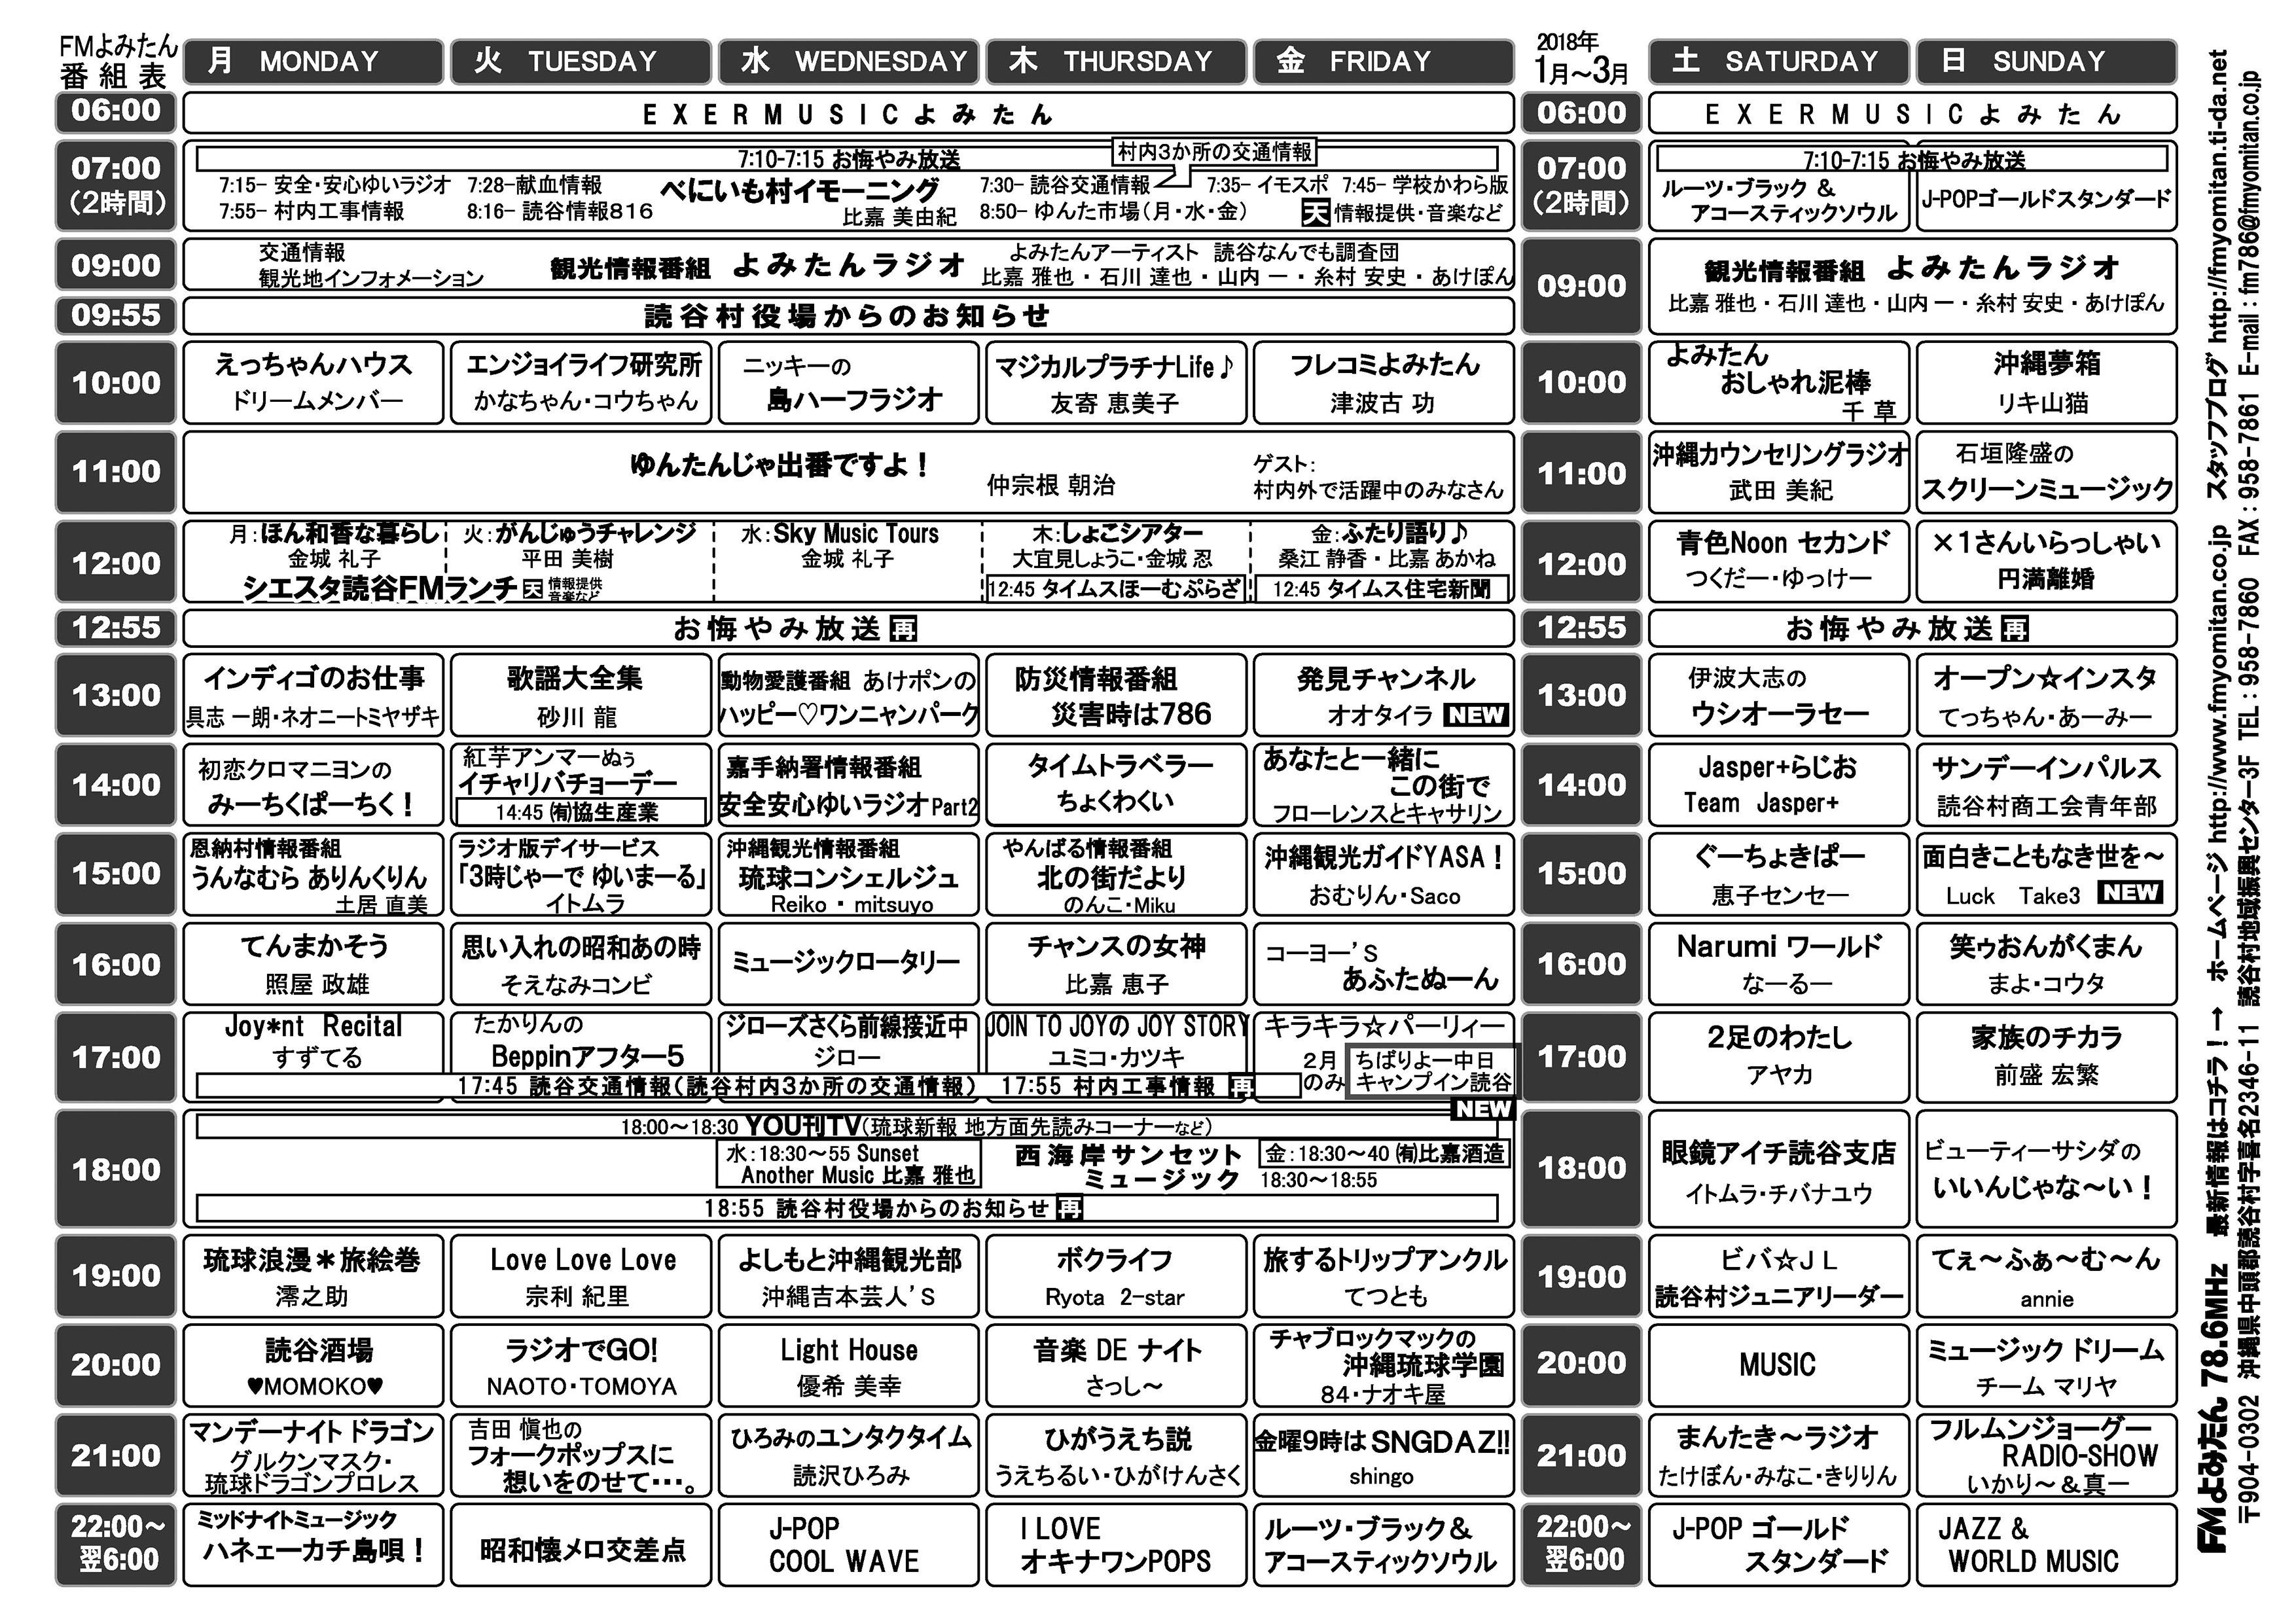 沖縄 県 番組 表